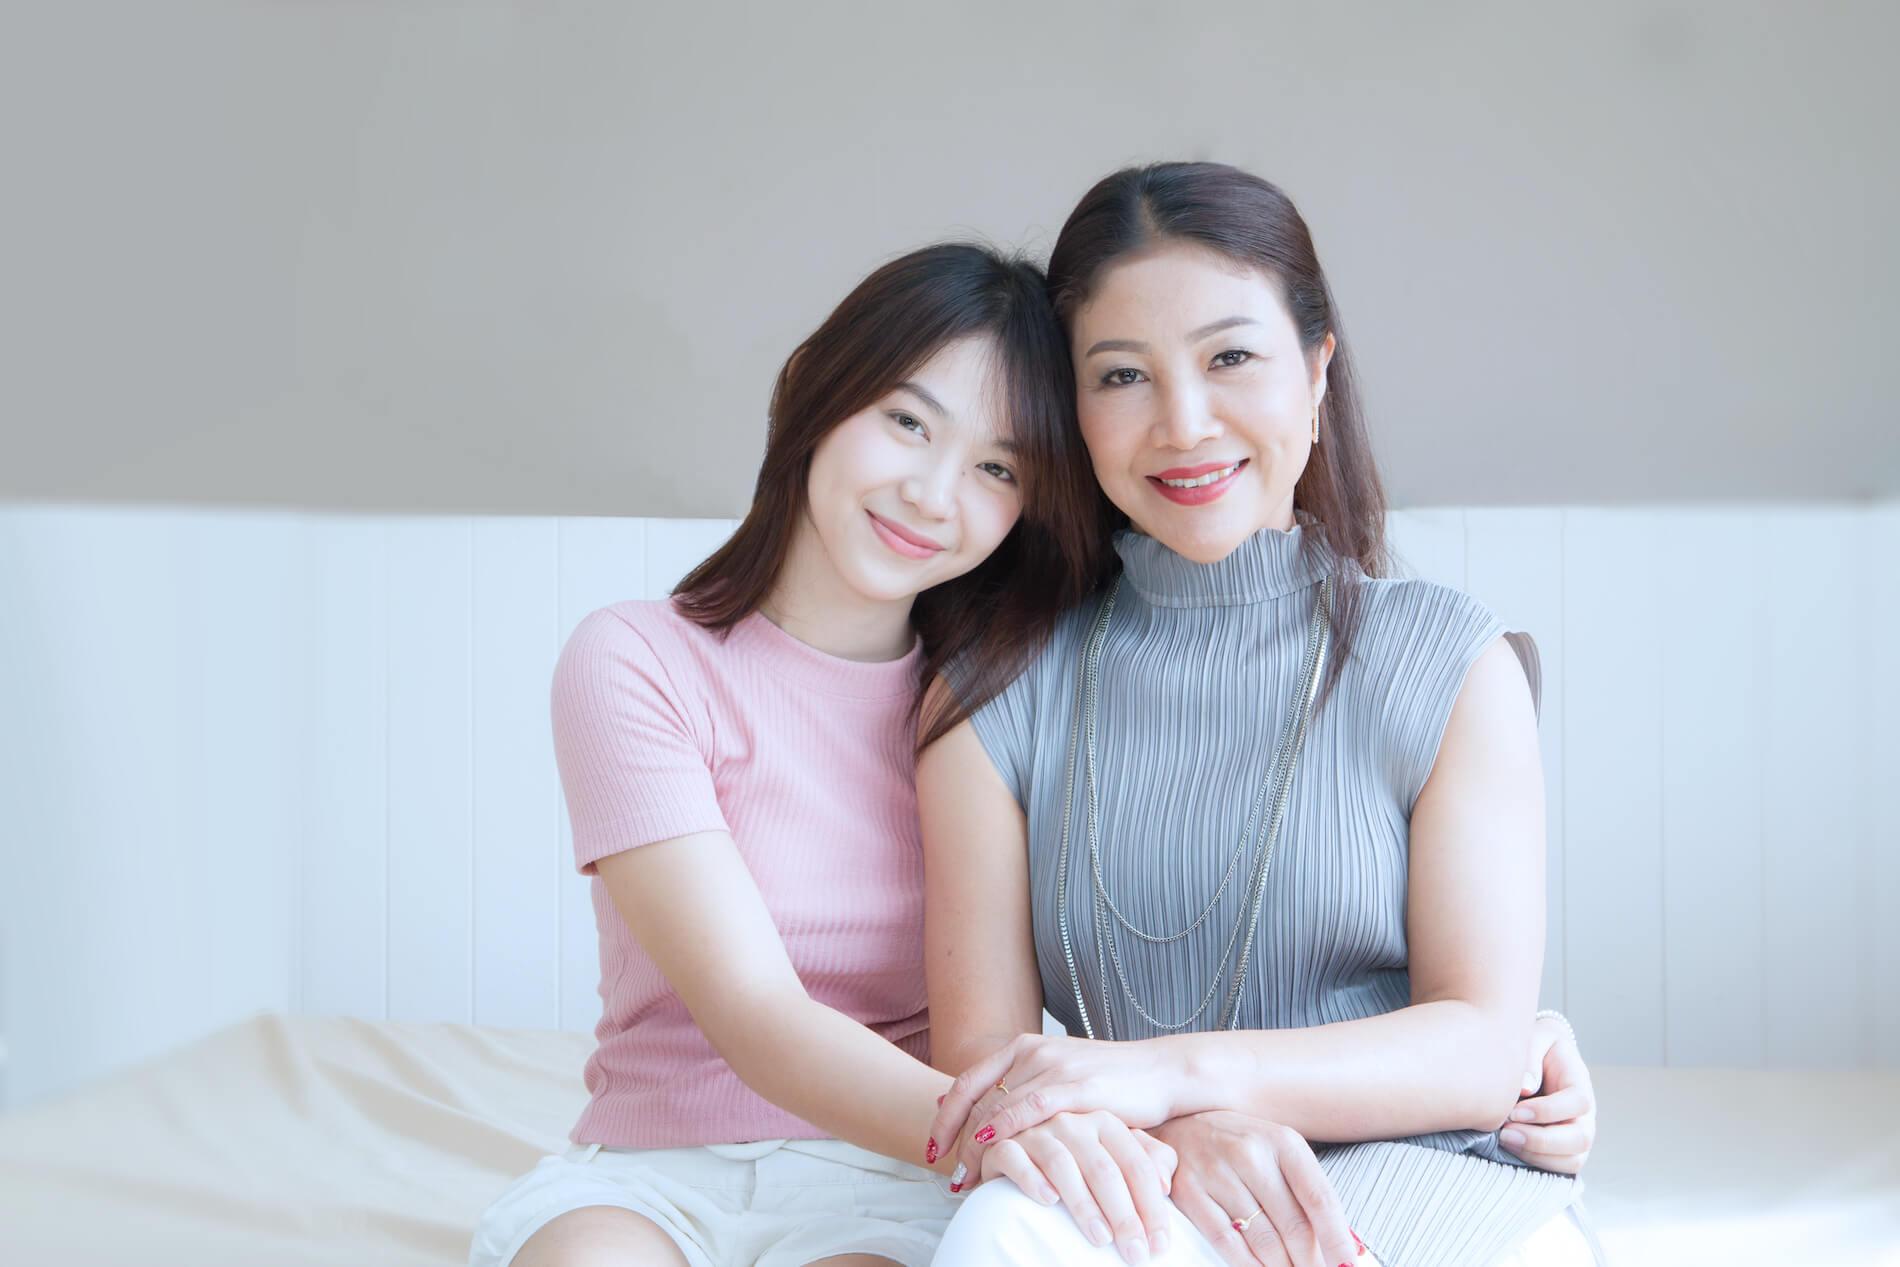 ซื้อบ้านและขอสินเชื่อบ้านสำหรับ กลุ่มสินเชื่อบ้านสำหรับครอบครัว